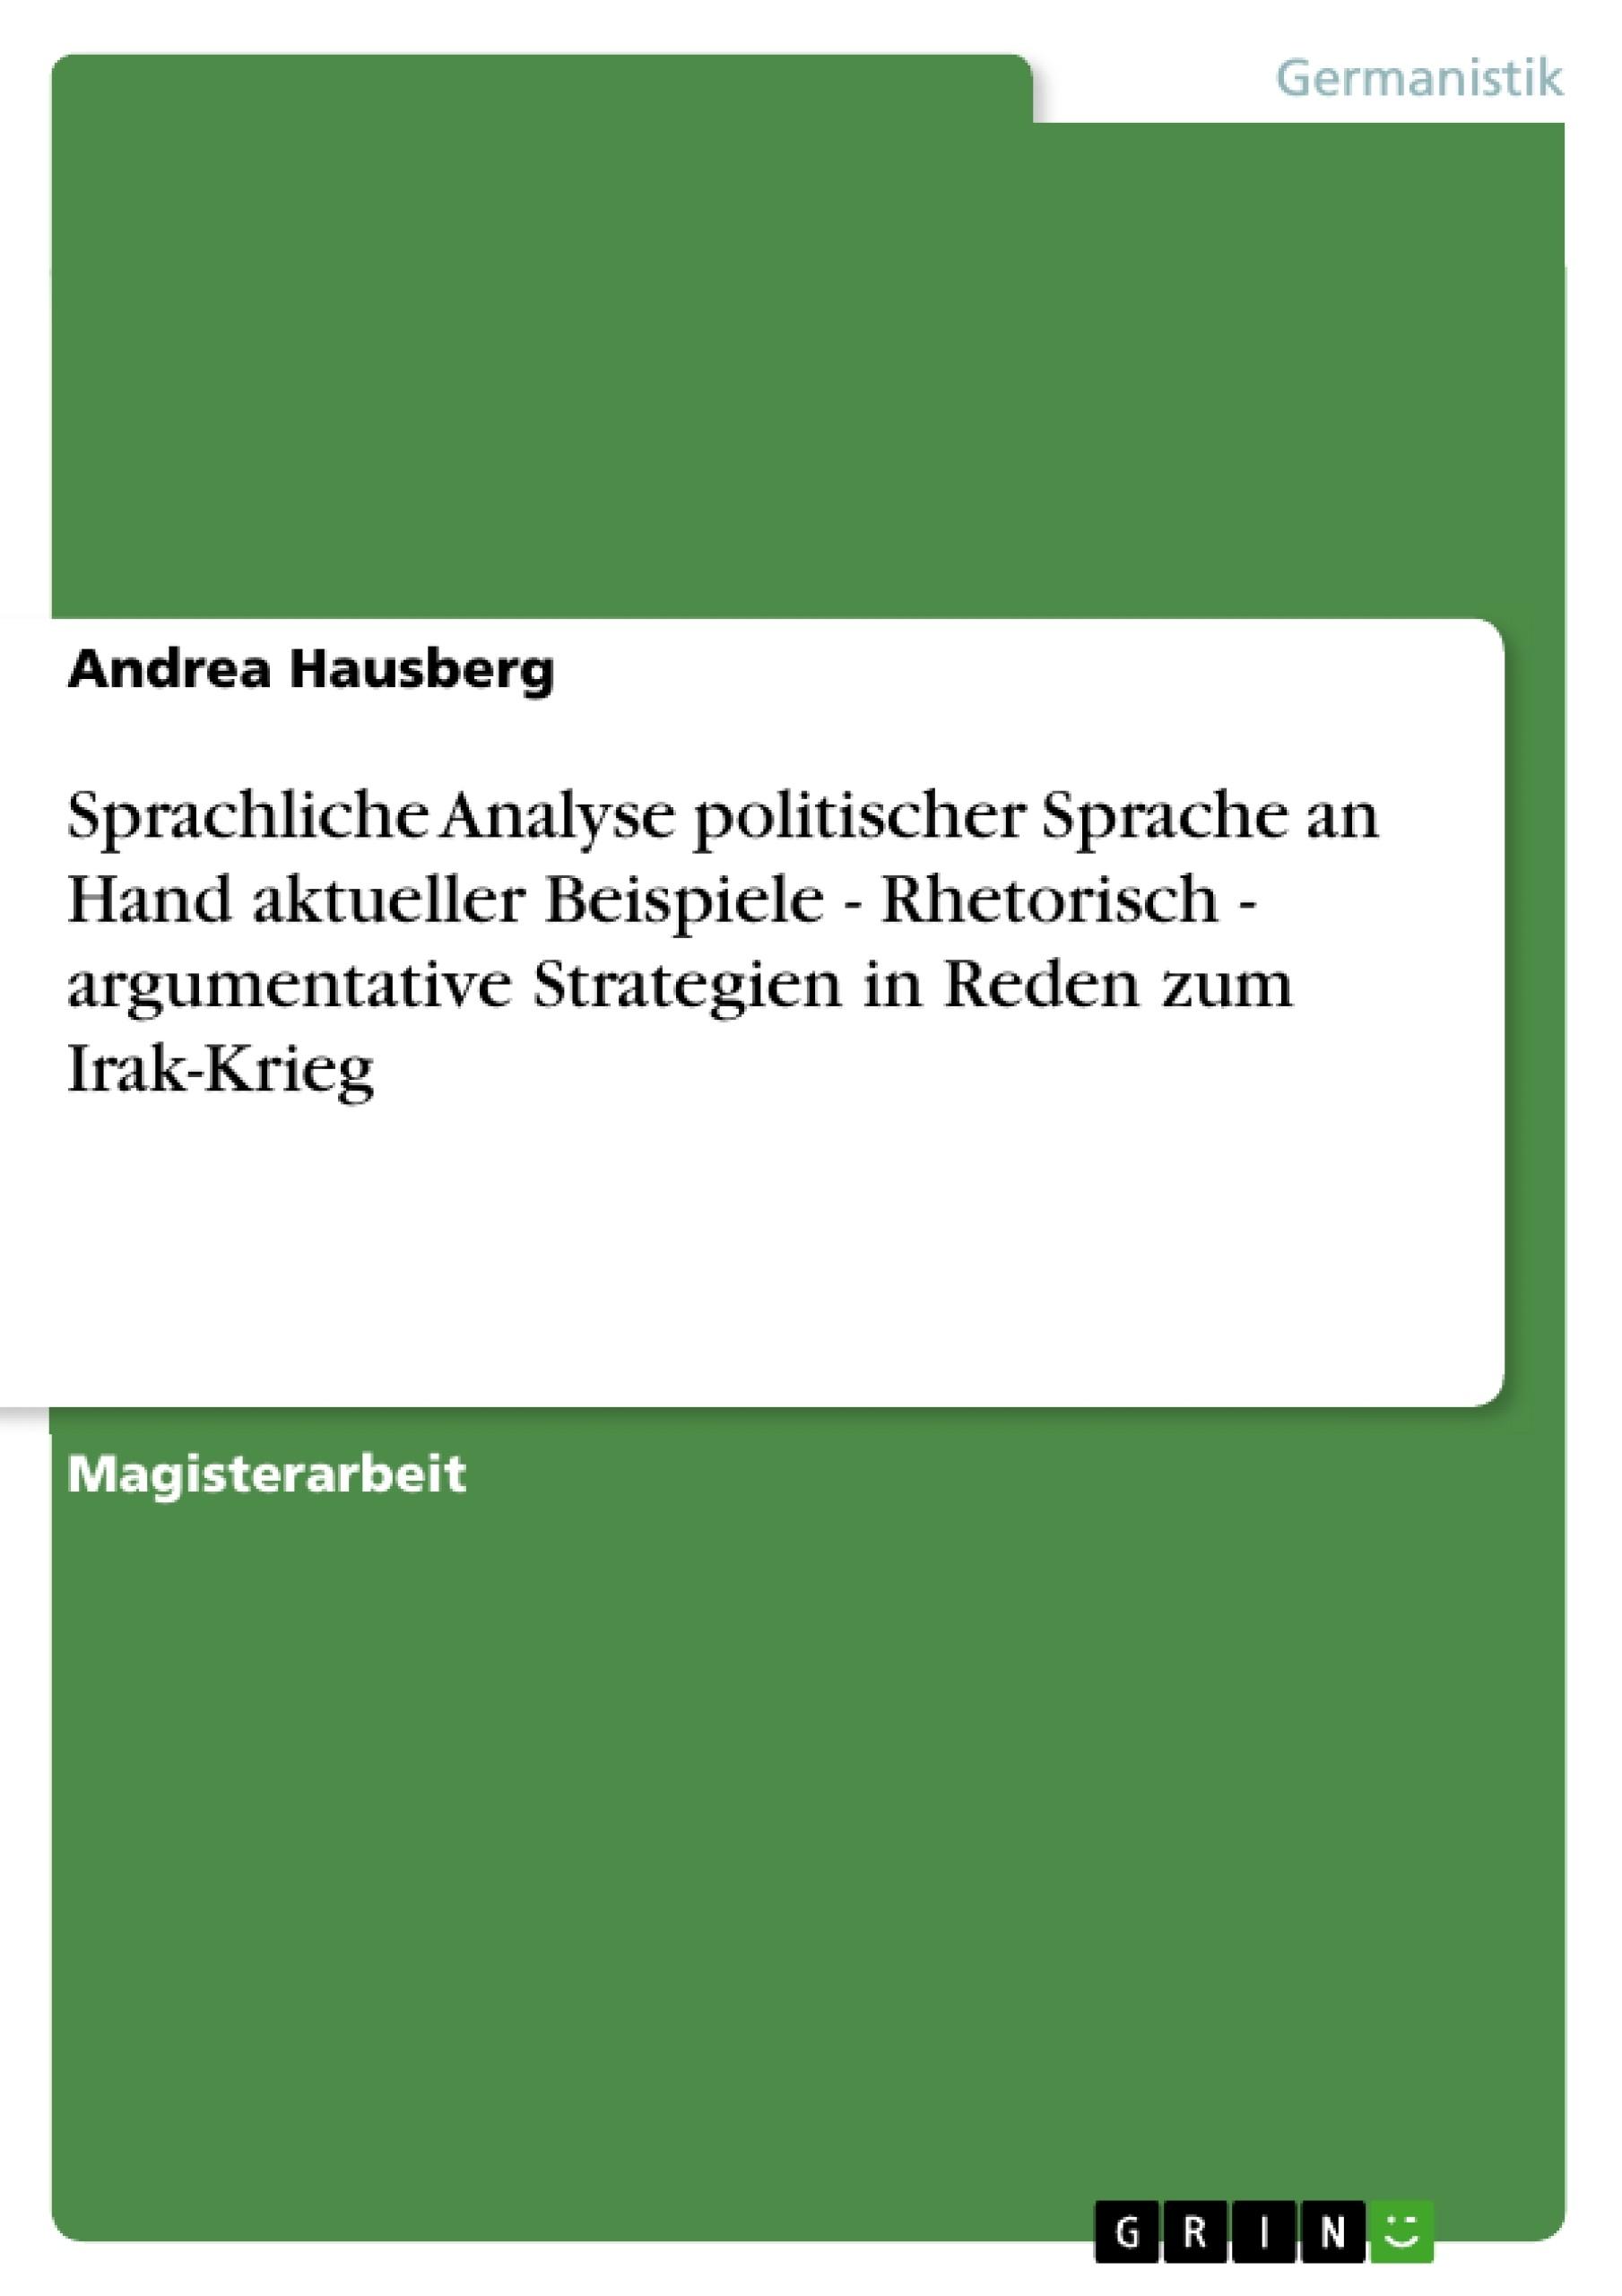 Titel: Sprachliche Analyse politischer Sprache an Hand aktueller Beispiele - Rhetorisch - argumentative Strategien in Reden zum Irak-Krieg